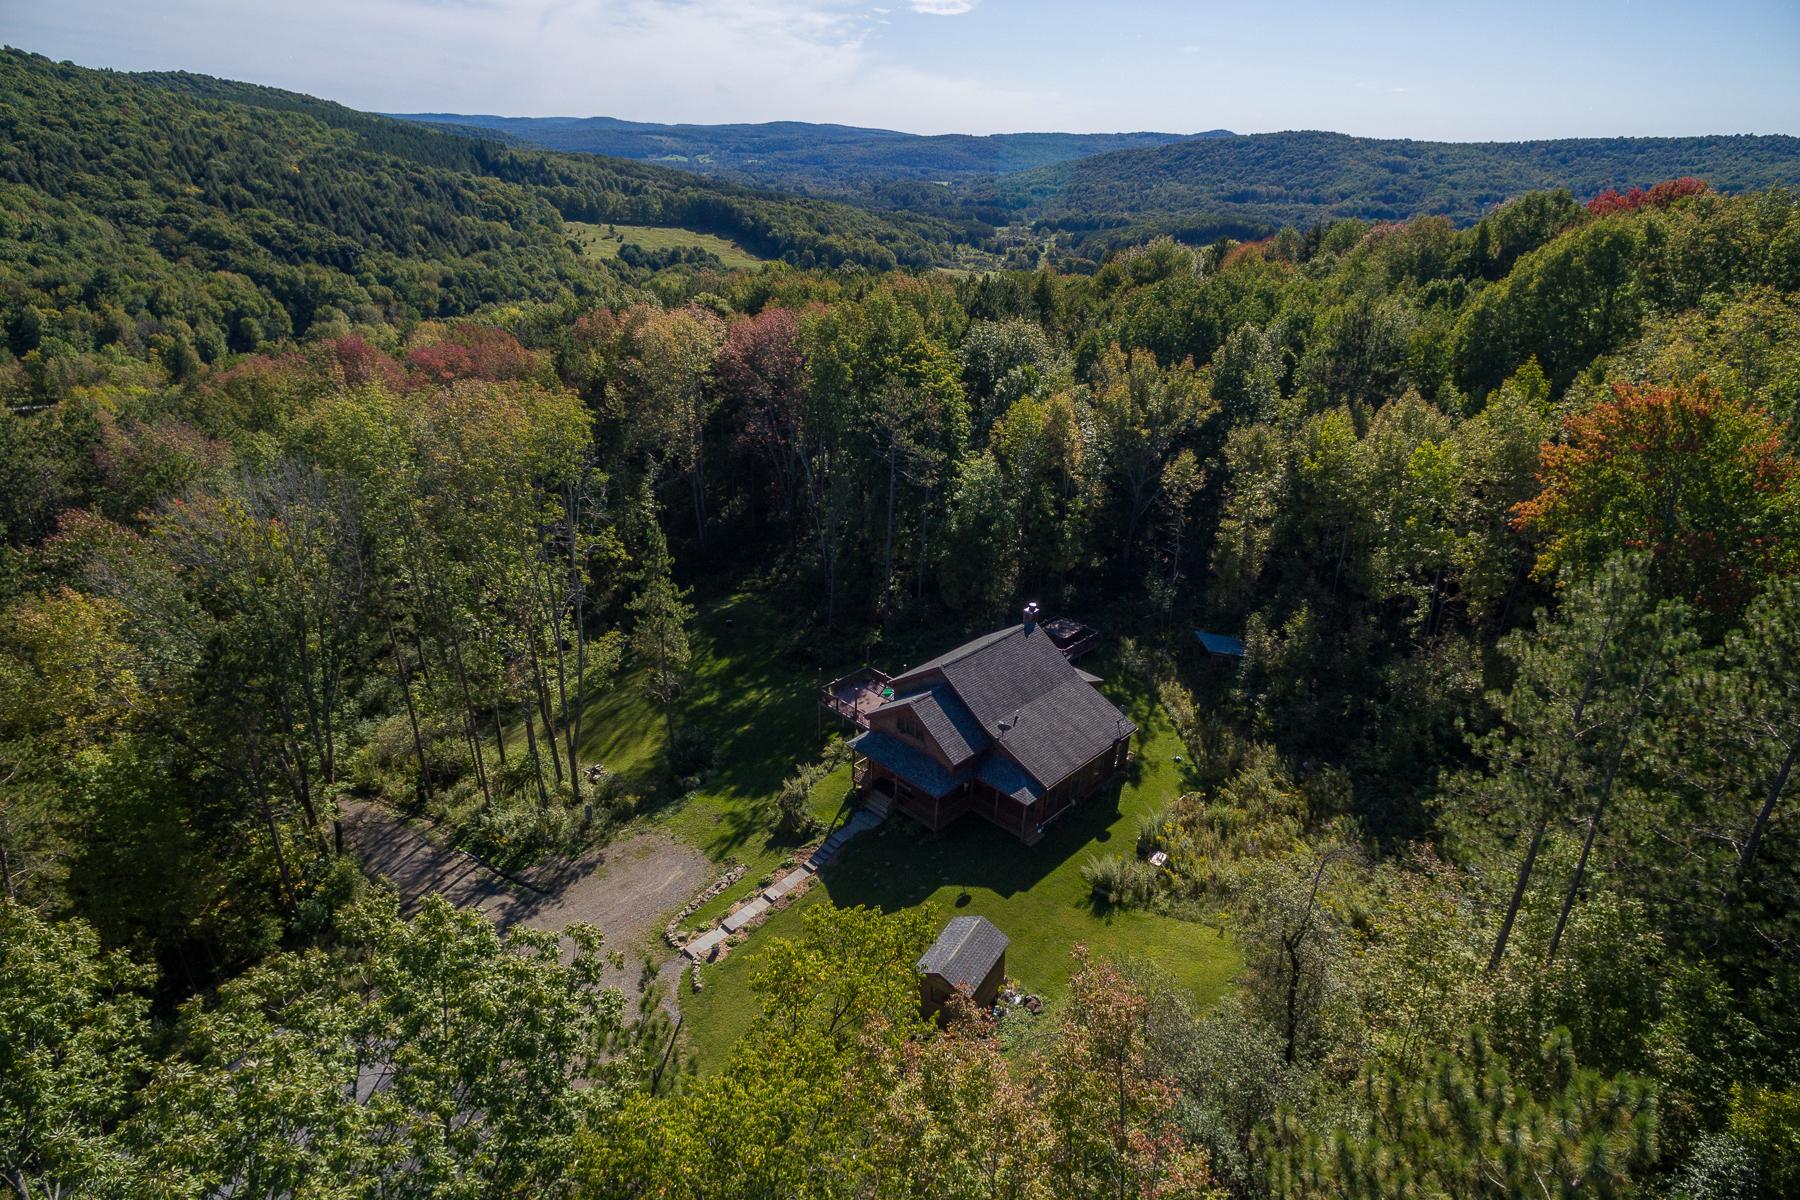 Частный односемейный дом для того Продажа на Fly Creek Jewel 311 Tripp Hill Rd. Fly Creek, Нью-Йорк 13337 Соединенные Штаты